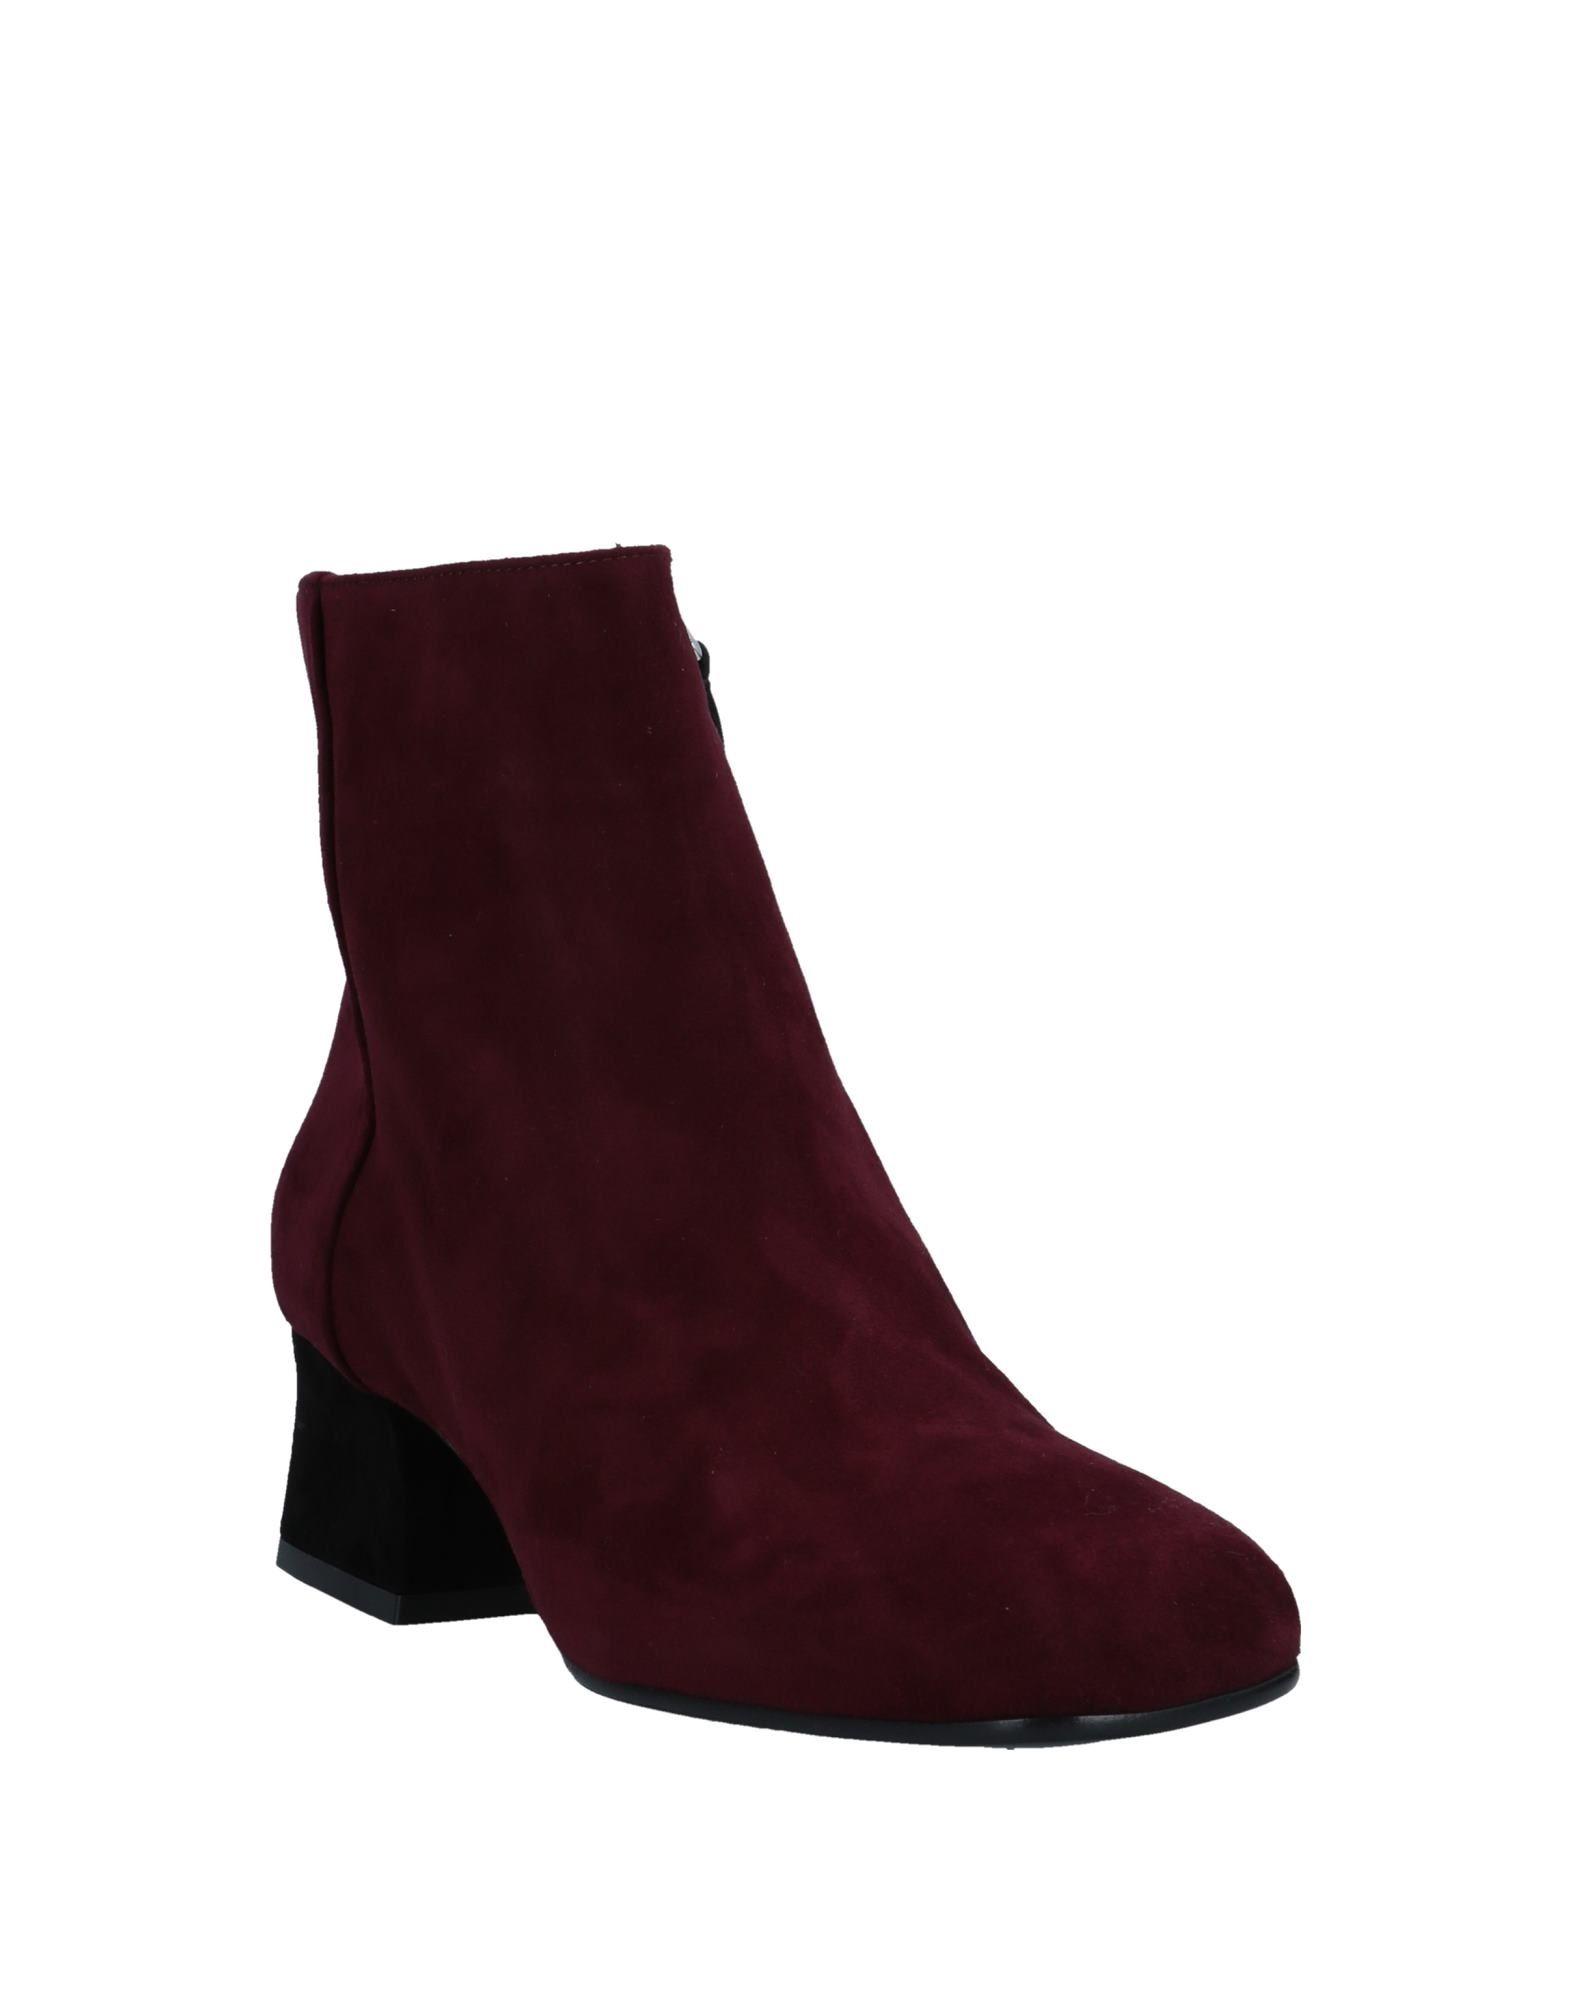 Marni  Stiefelette Damen  Marni 11548847HXGünstige gut aussehende Schuhe 74142f